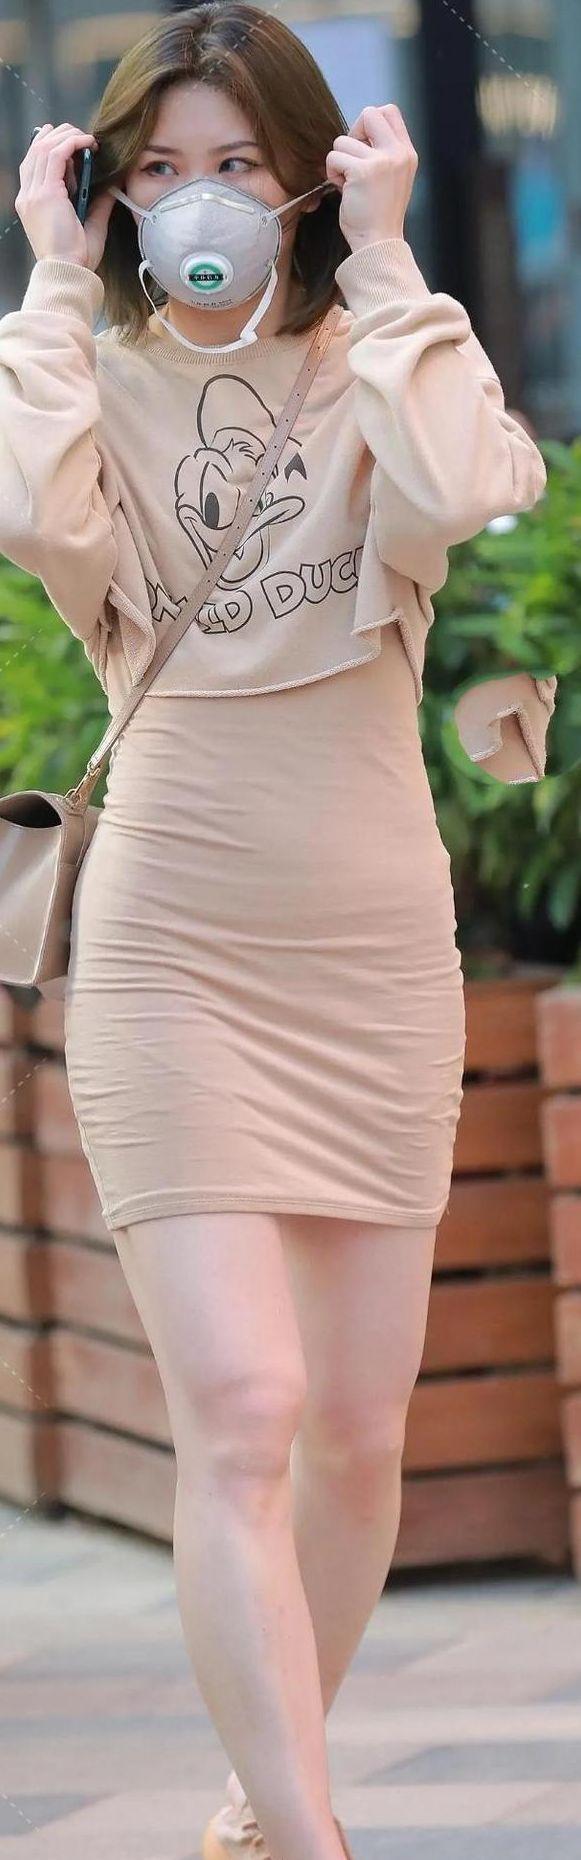 新闻娱乐头条_米色套裙,可抵火热的炎天